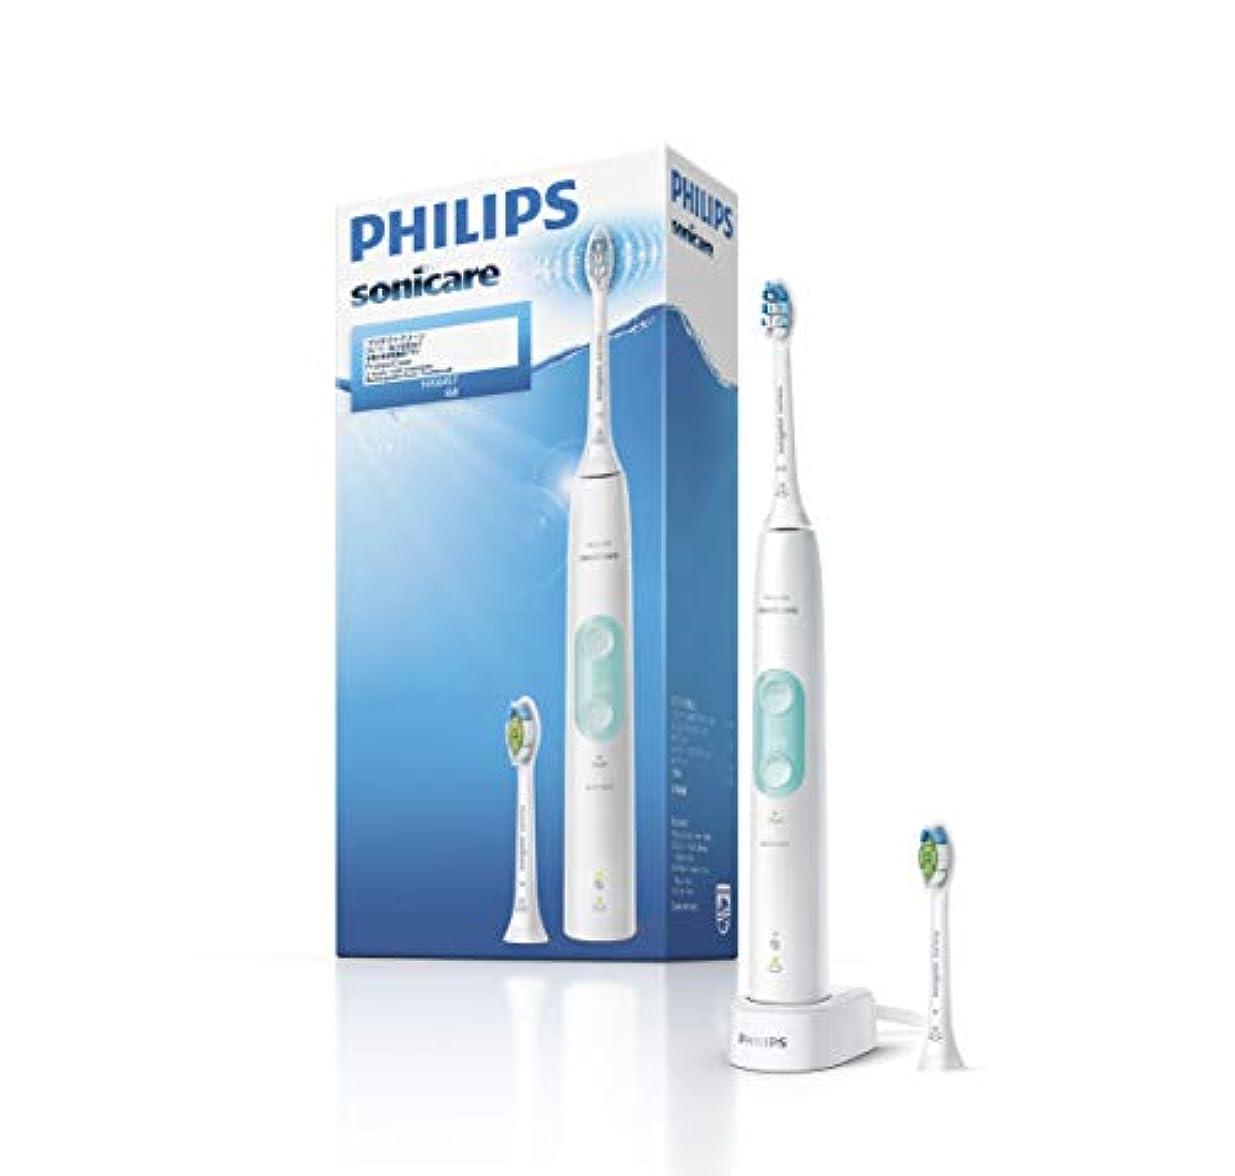 バンド耐えられる頻繁にフィリップス ソニッケアー プロテクトクリーン プラス 電動歯ブラシ ホワイトミント HX6457/68